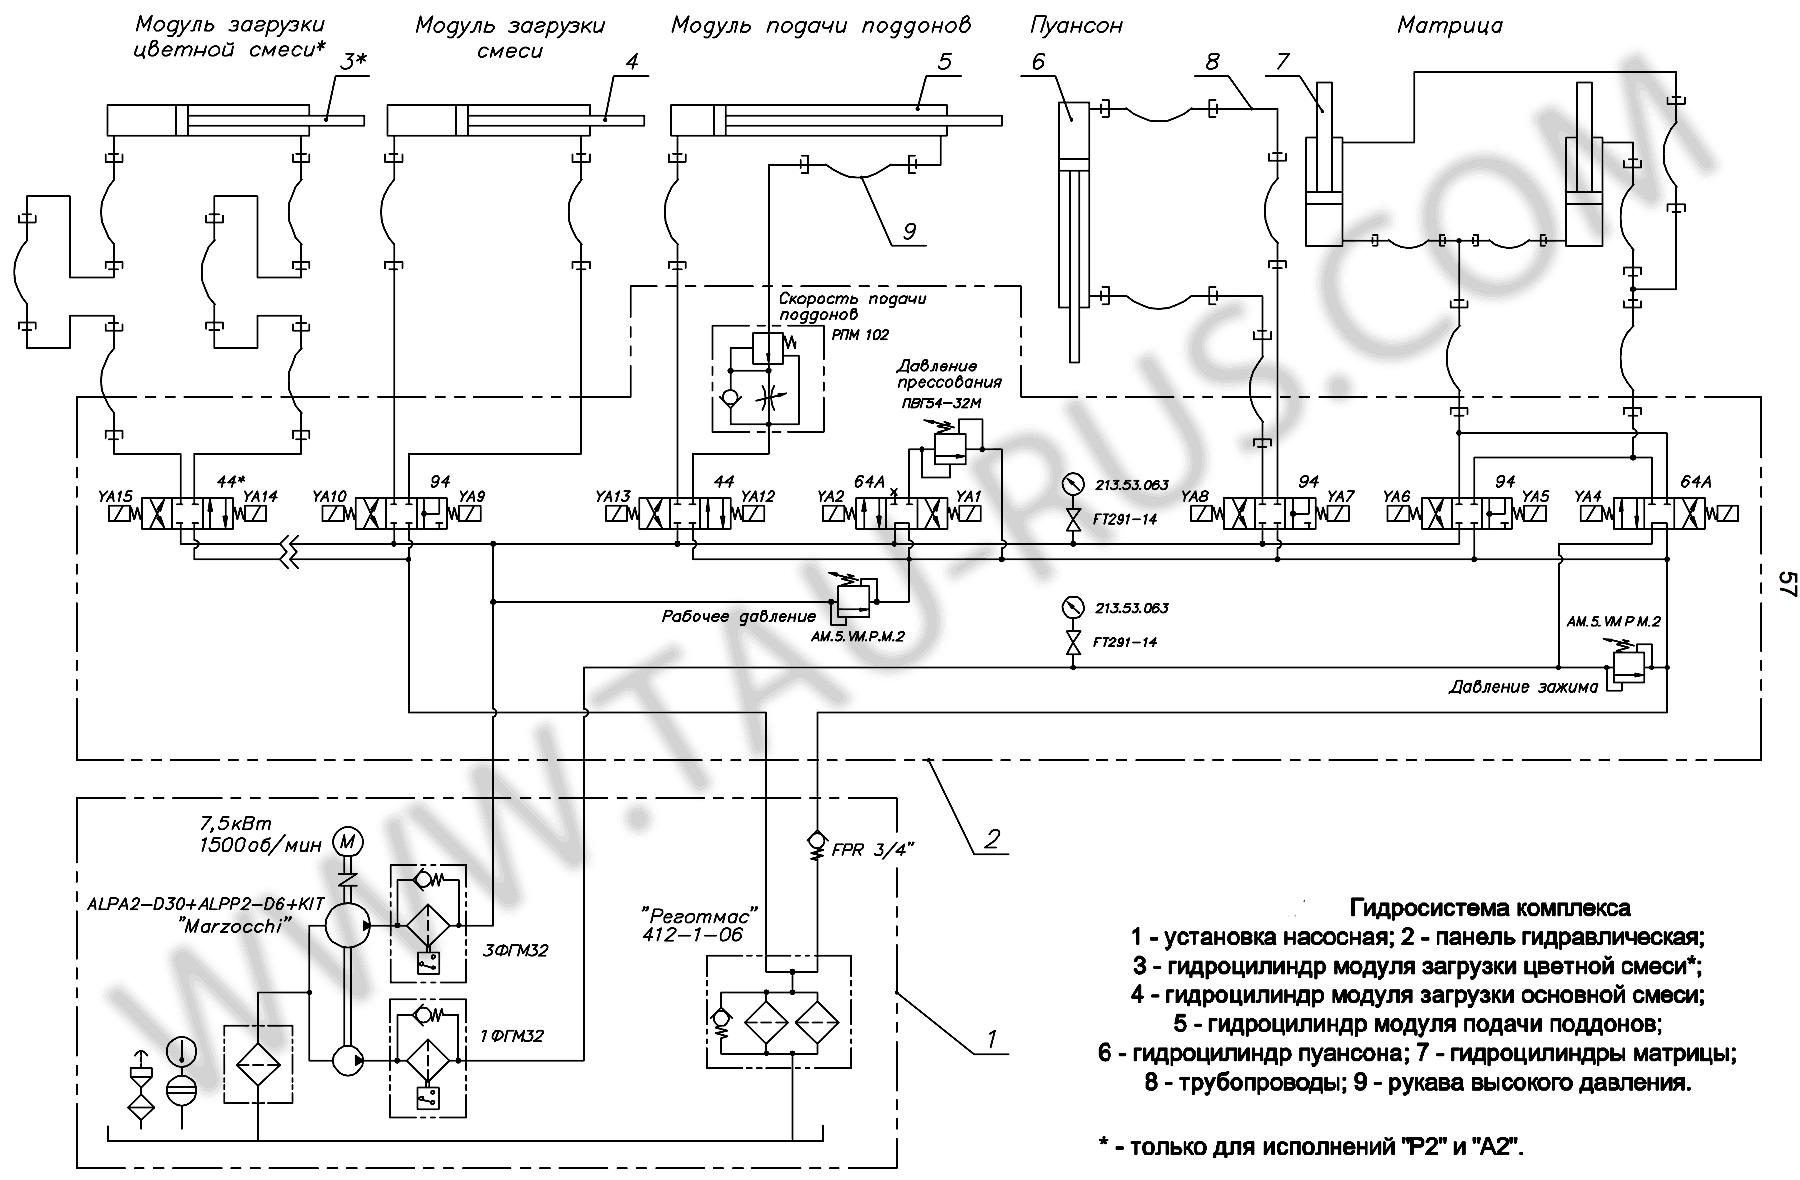 Гидравлическая схема вибропресса Рифей-Буран.